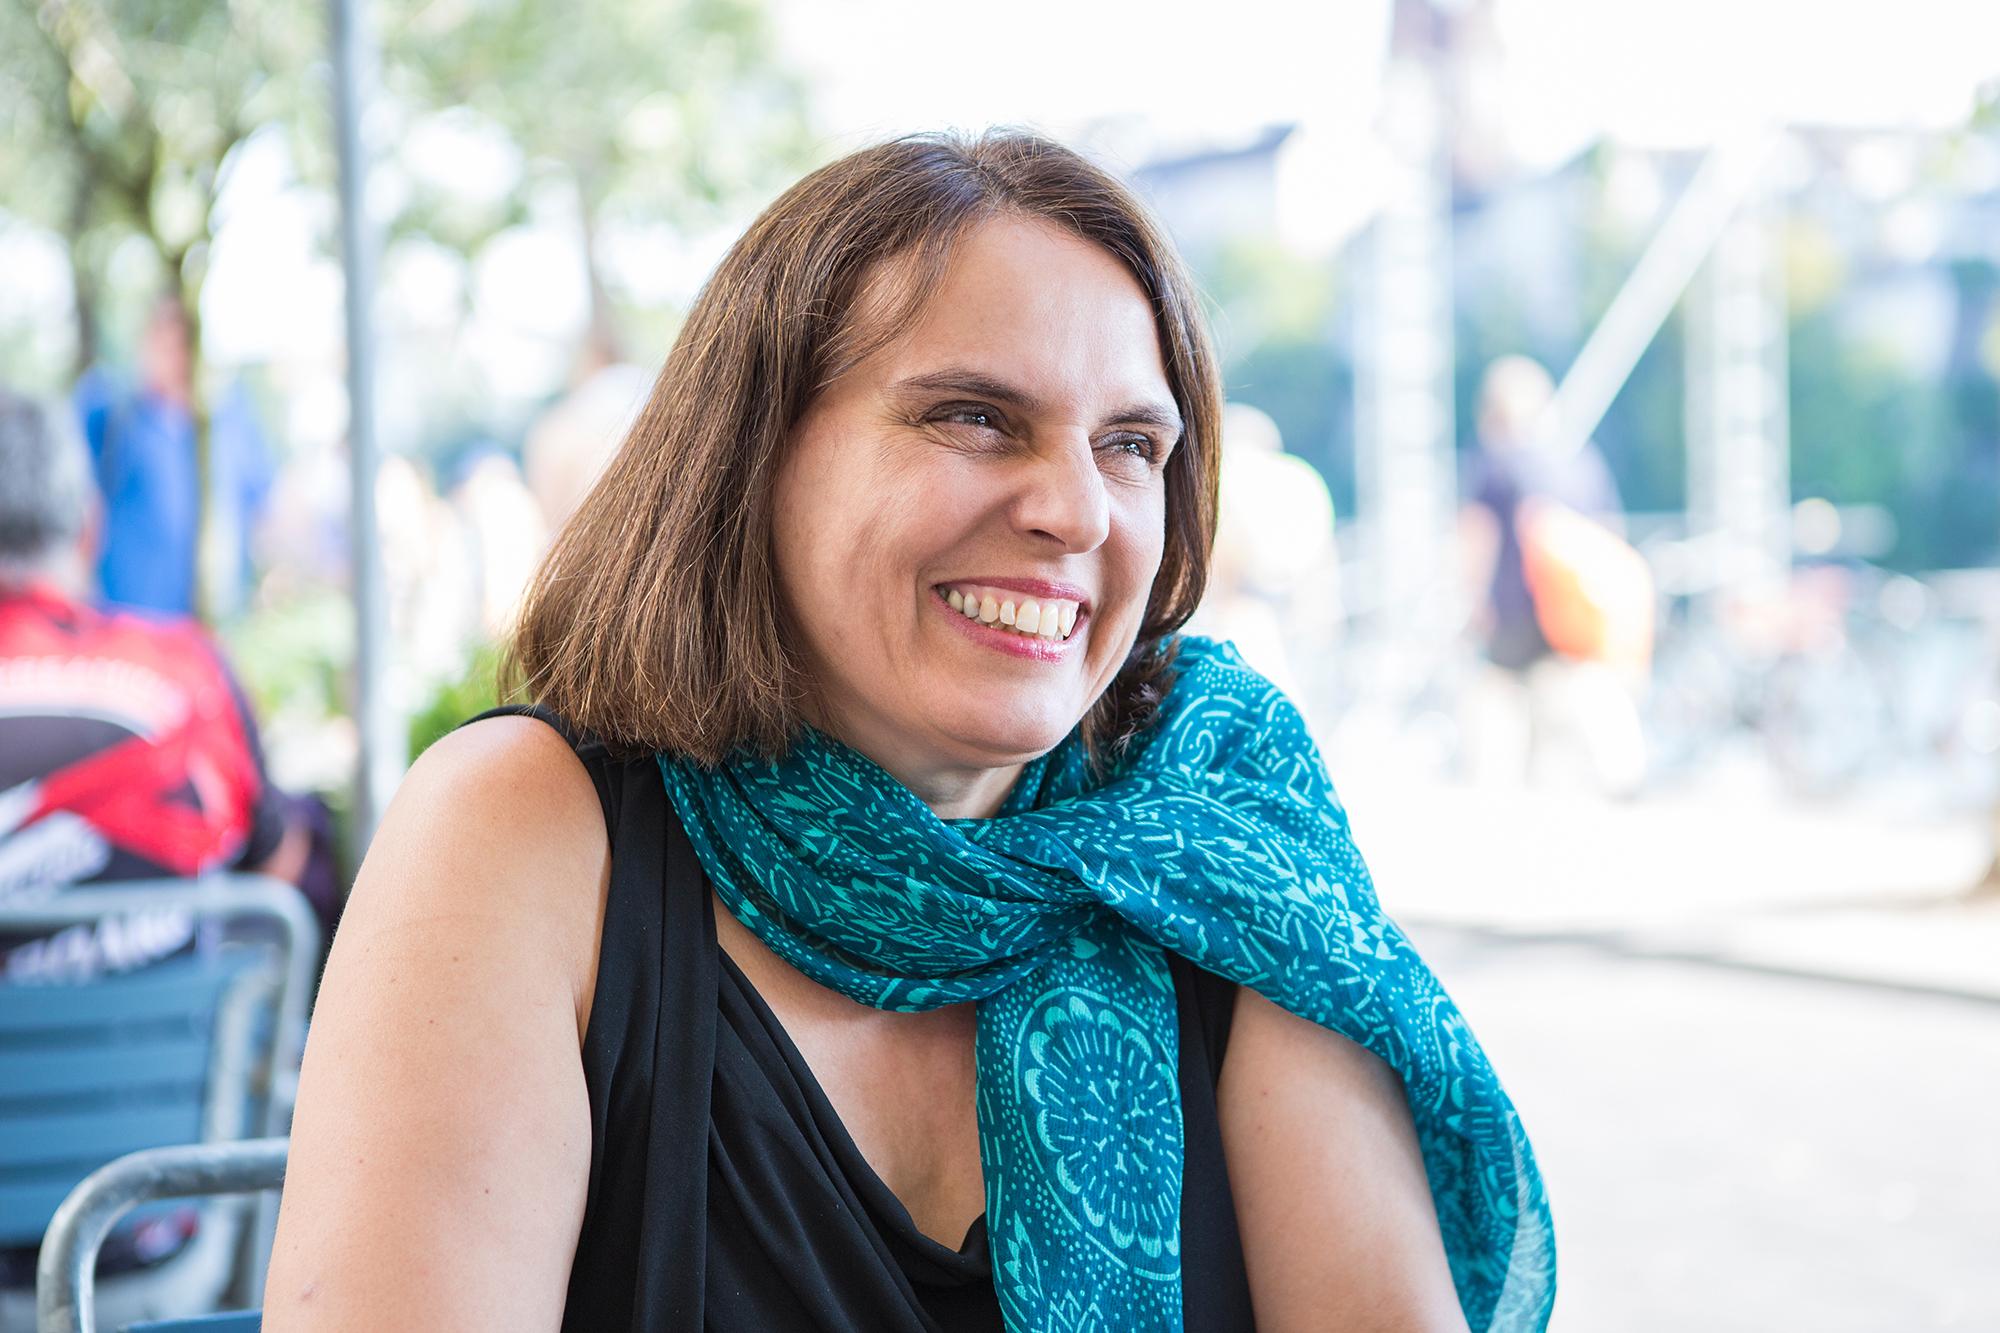 «Es wäre falsch, wenn nur eine Elite grün leben kann.»Elisabeth Ackermann, Öko-Kandidatin mit sozialem Einschlag.